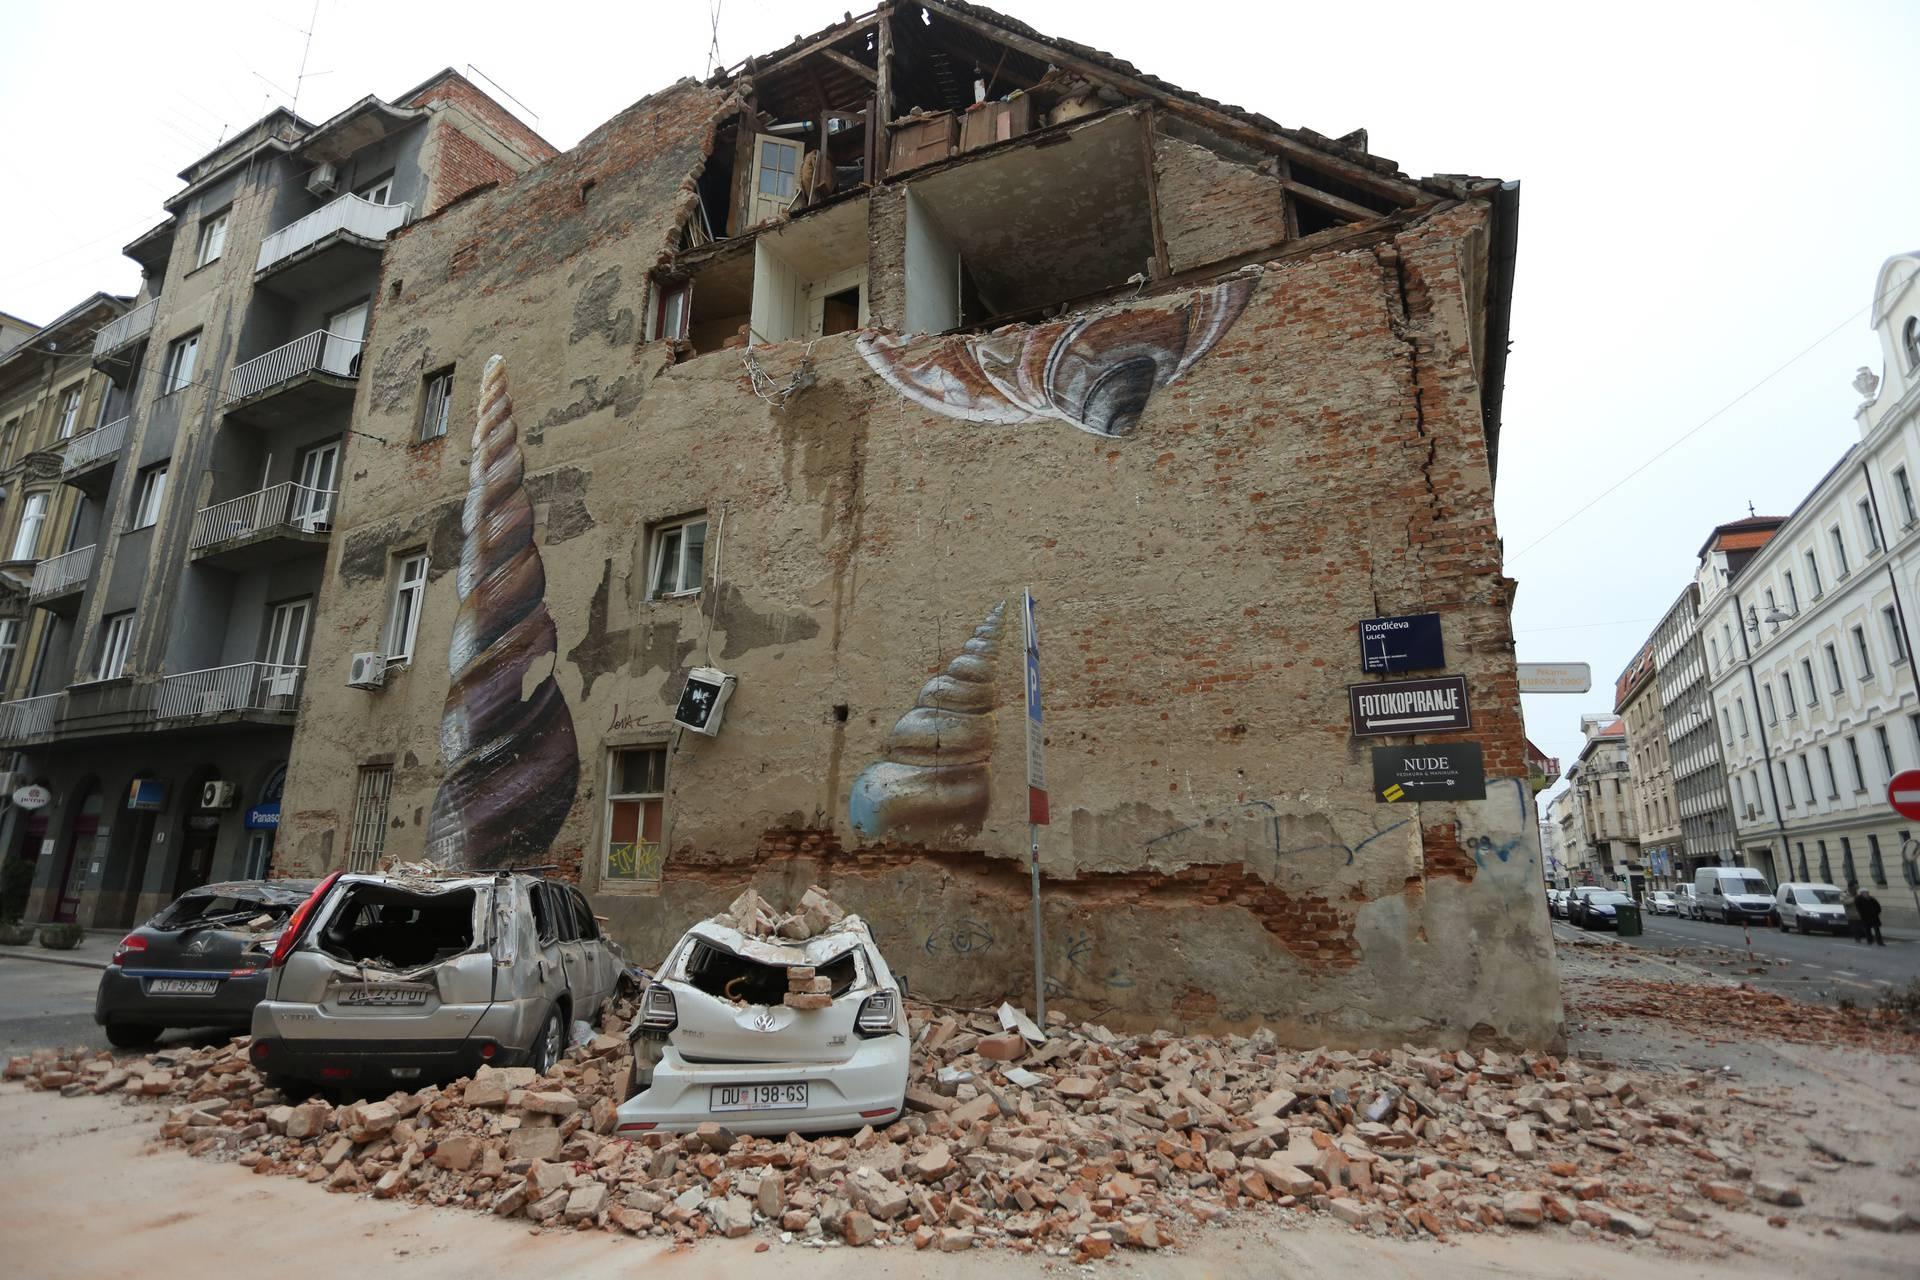 Potres koji je pogodio Zagreb uzrokovao veliku štetu u Đorđićevoj ulici